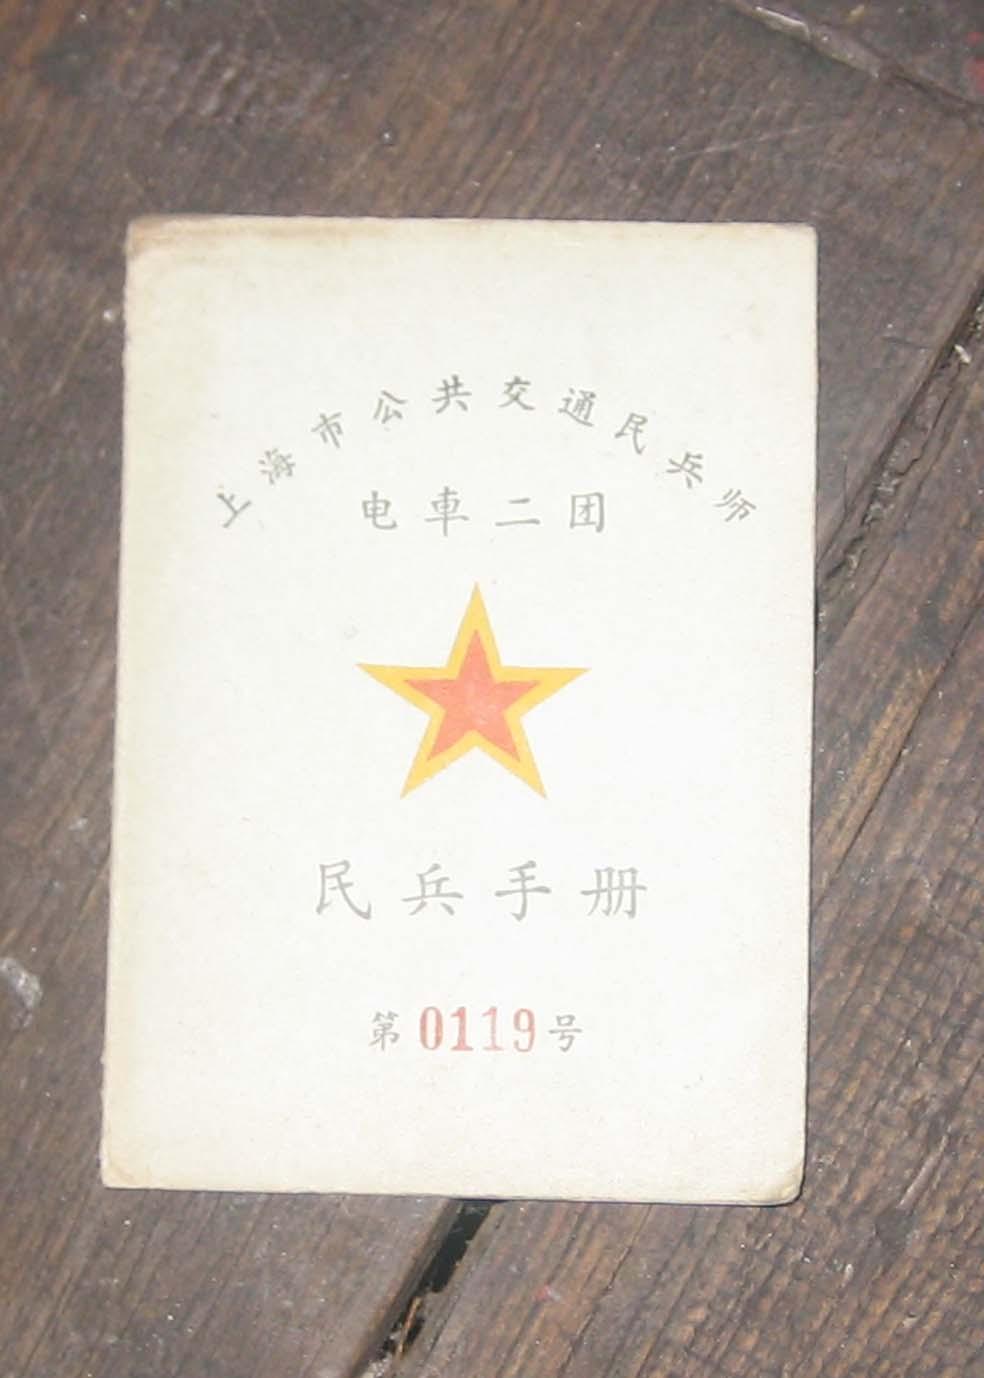 上海市公共交通民兵师 电车二团 民兵手册 第0119好